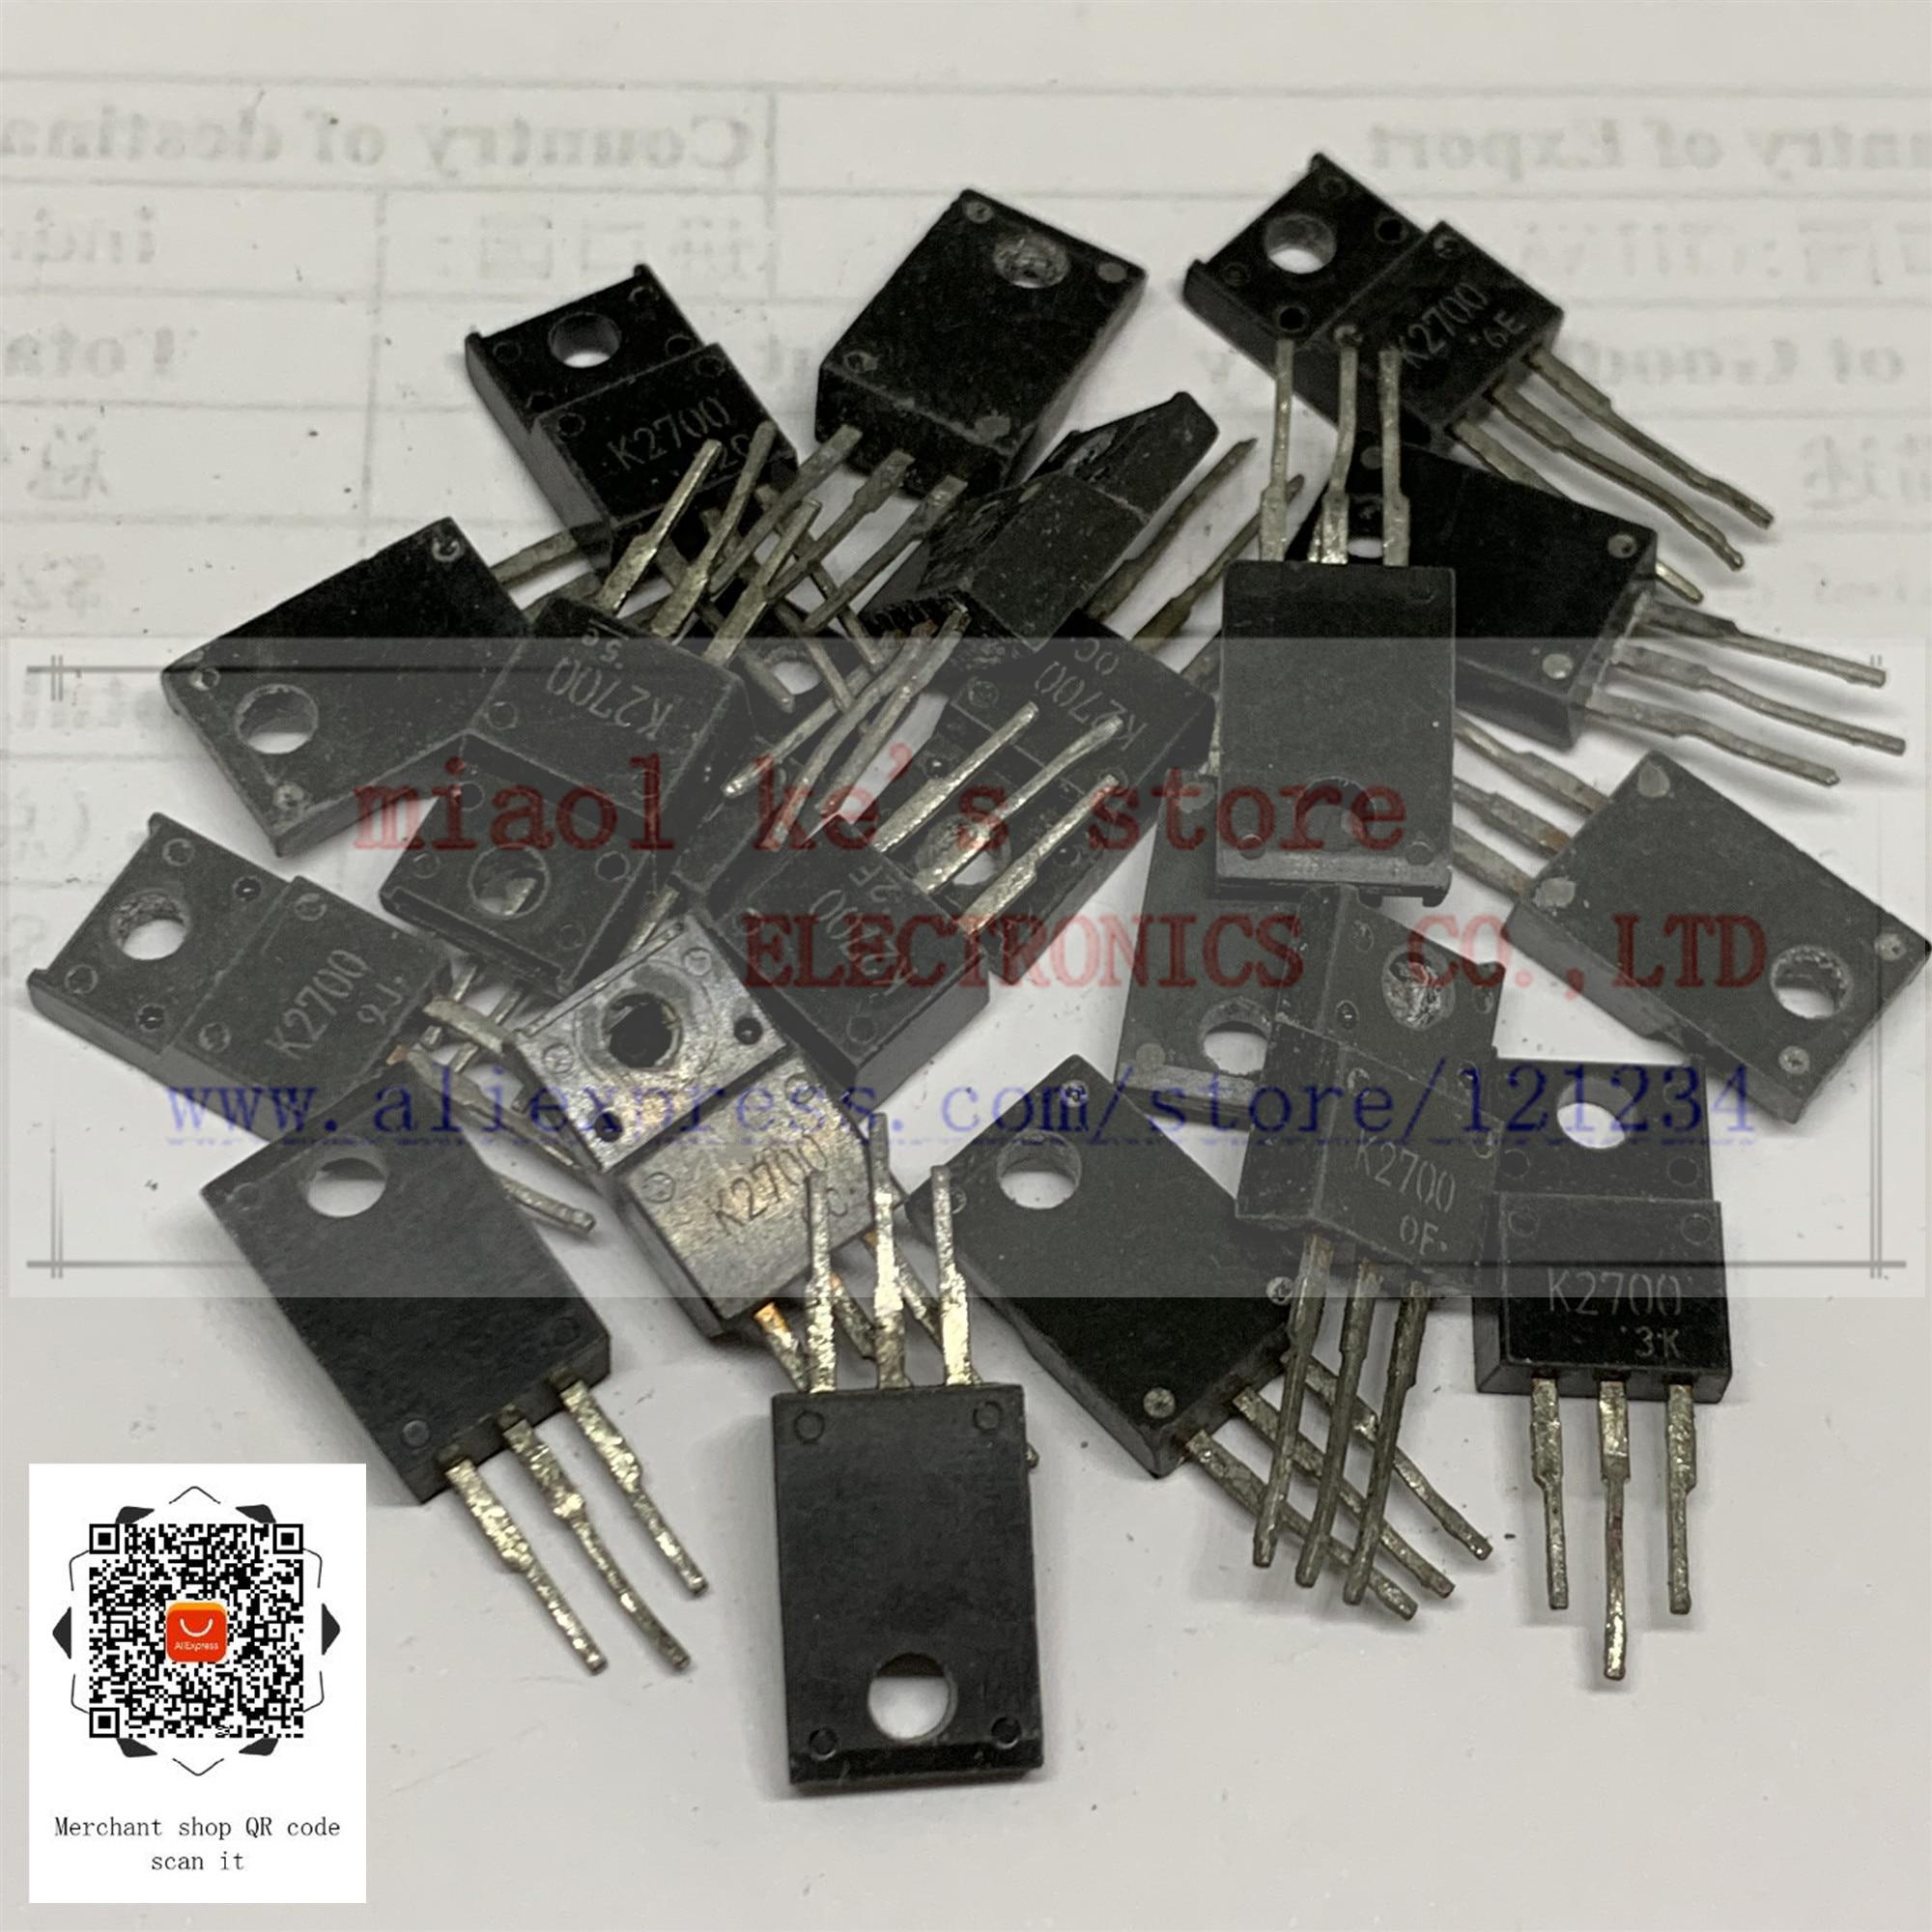 [10pcs]Used Goods; 2SK2700 2SK2717 2SK2718 2SK2723 2SK2724 2SK2733 2SK2736 2SK2737 2SK2738 K2700 K2717 K2718 K2723 K2724 K2733